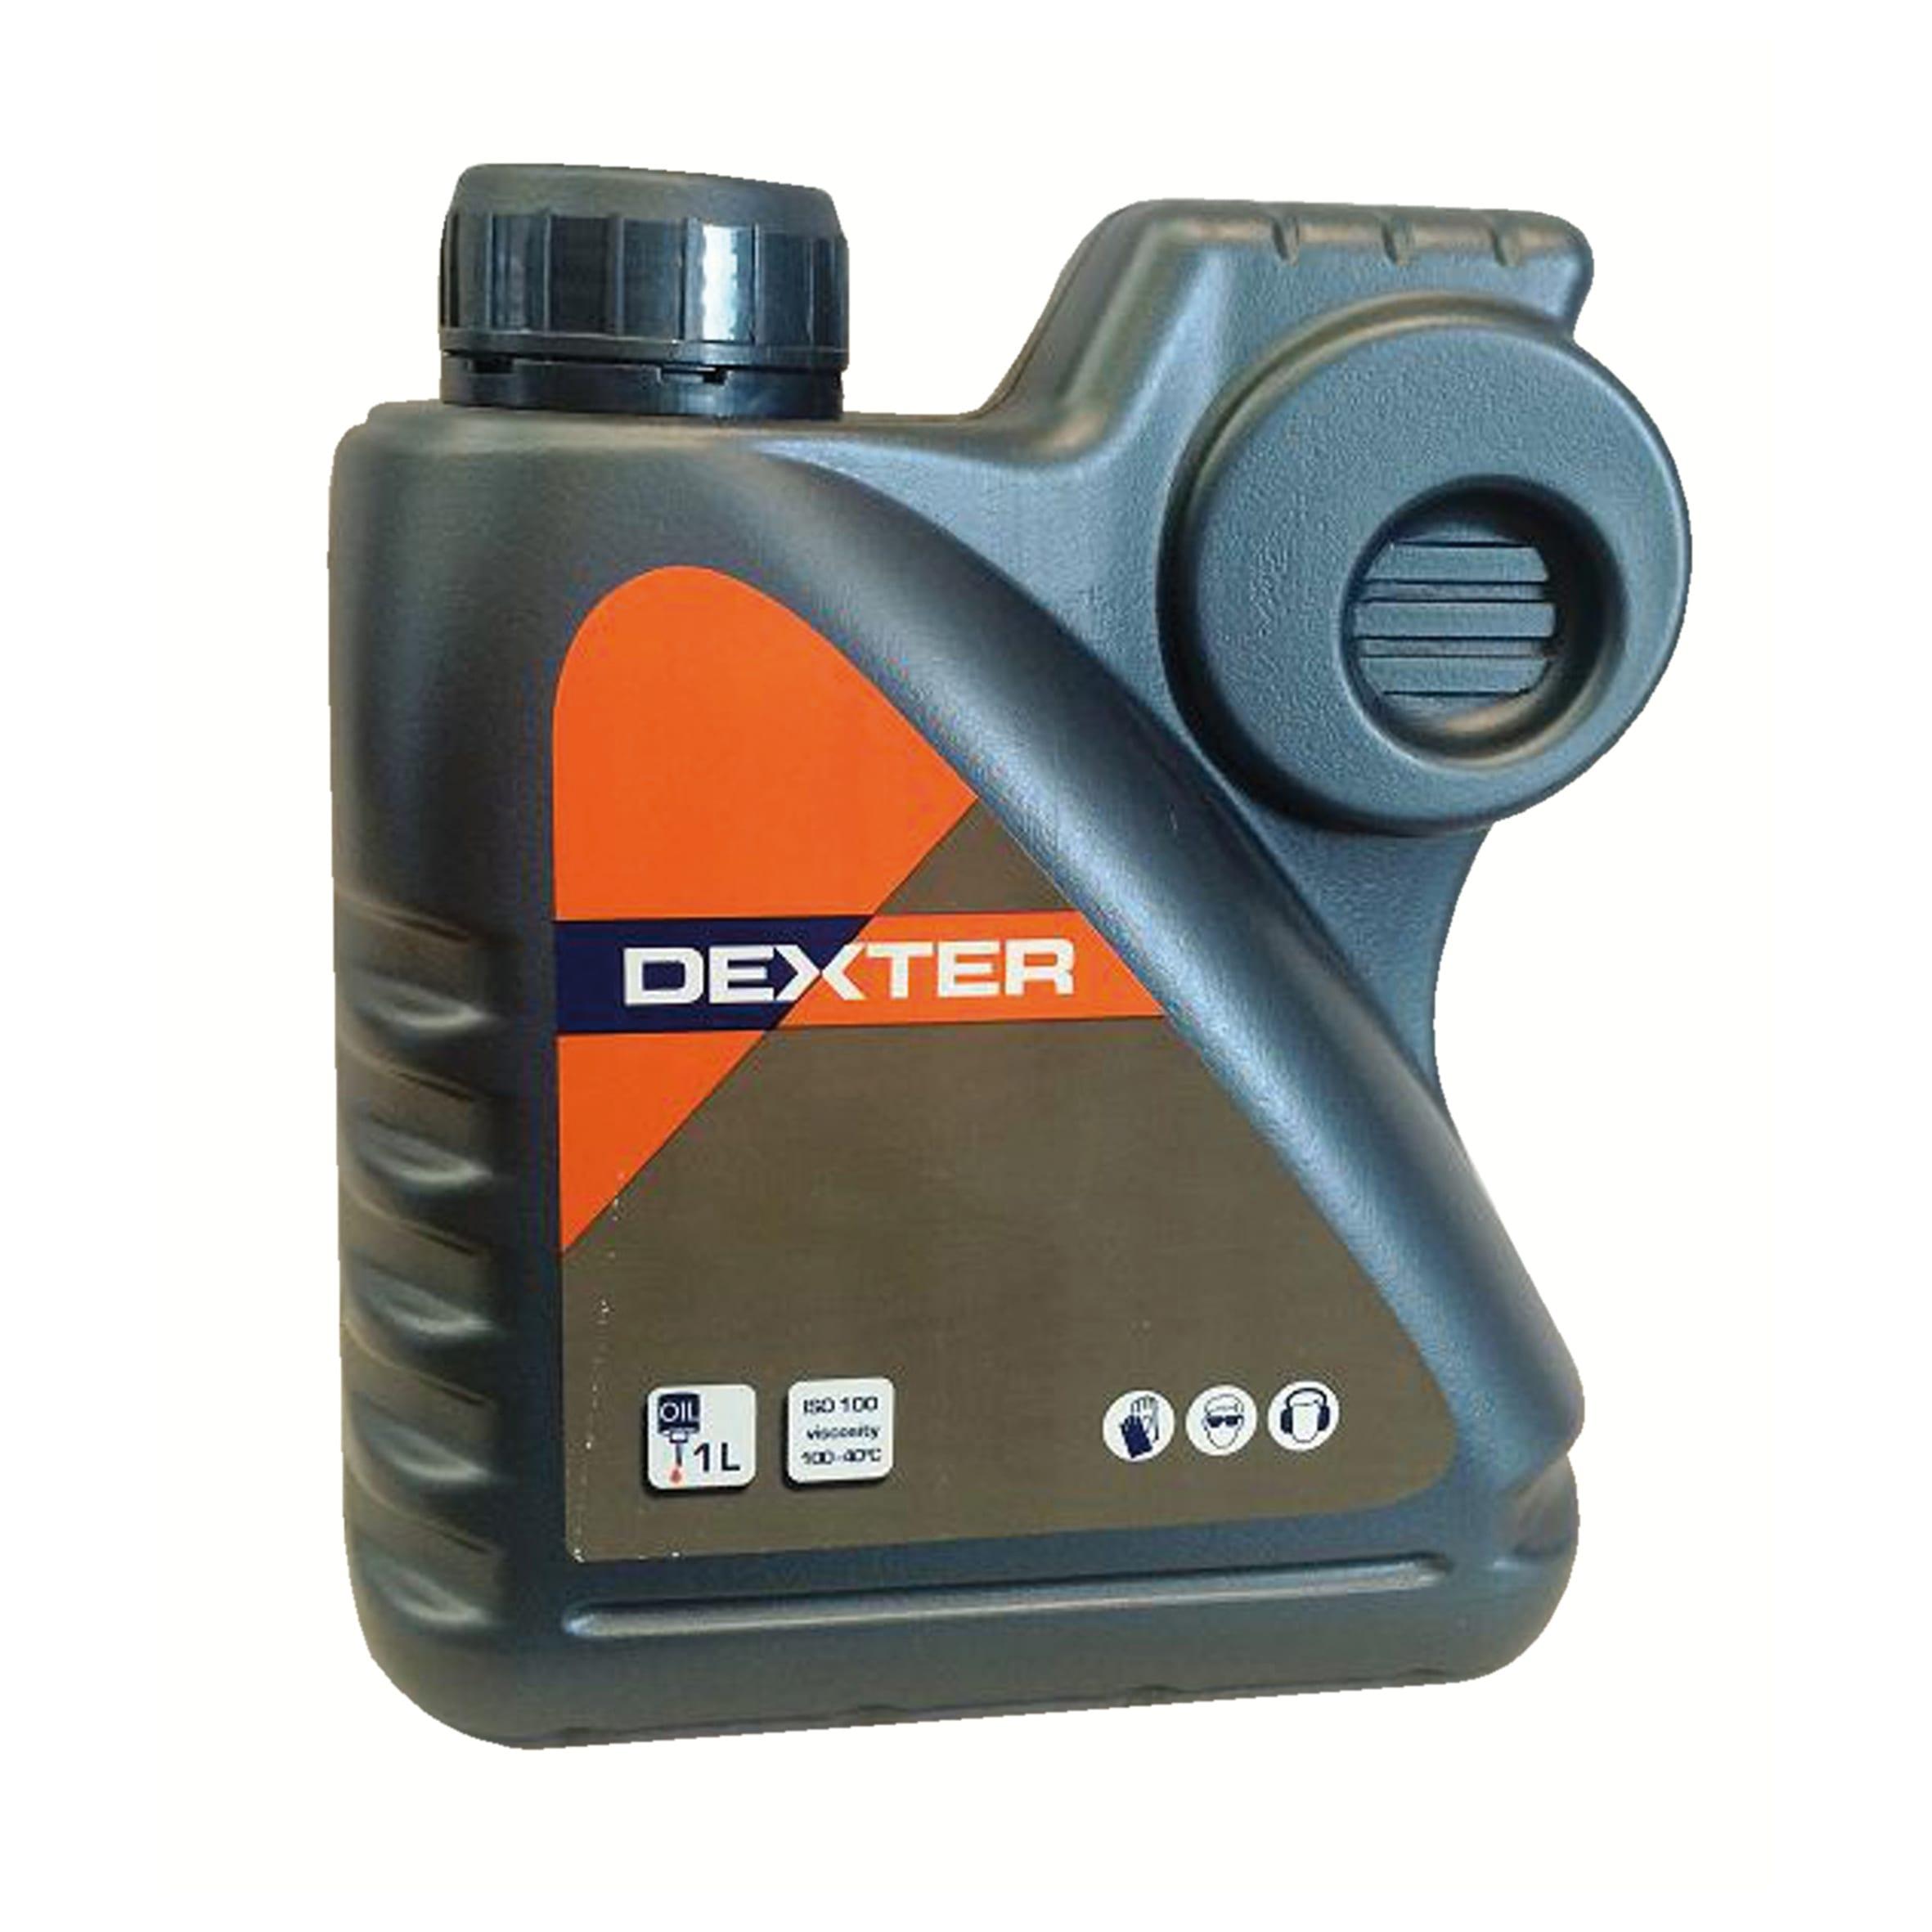 Olio Compressore Dexter 1 L